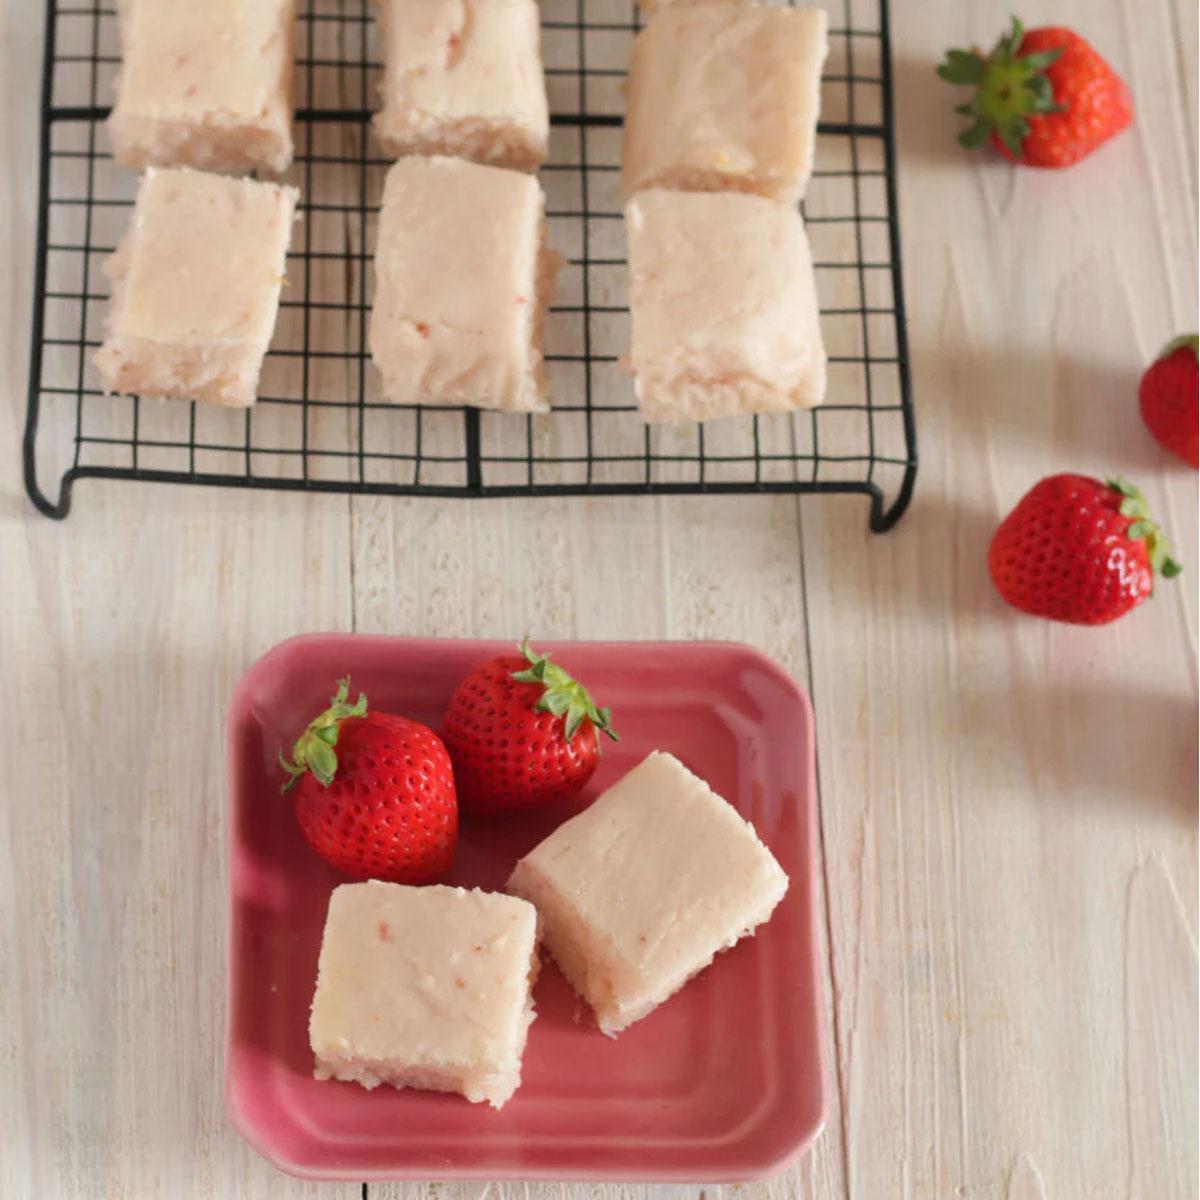 「豆腐でしっとりピンクのいちごケーキ」画像